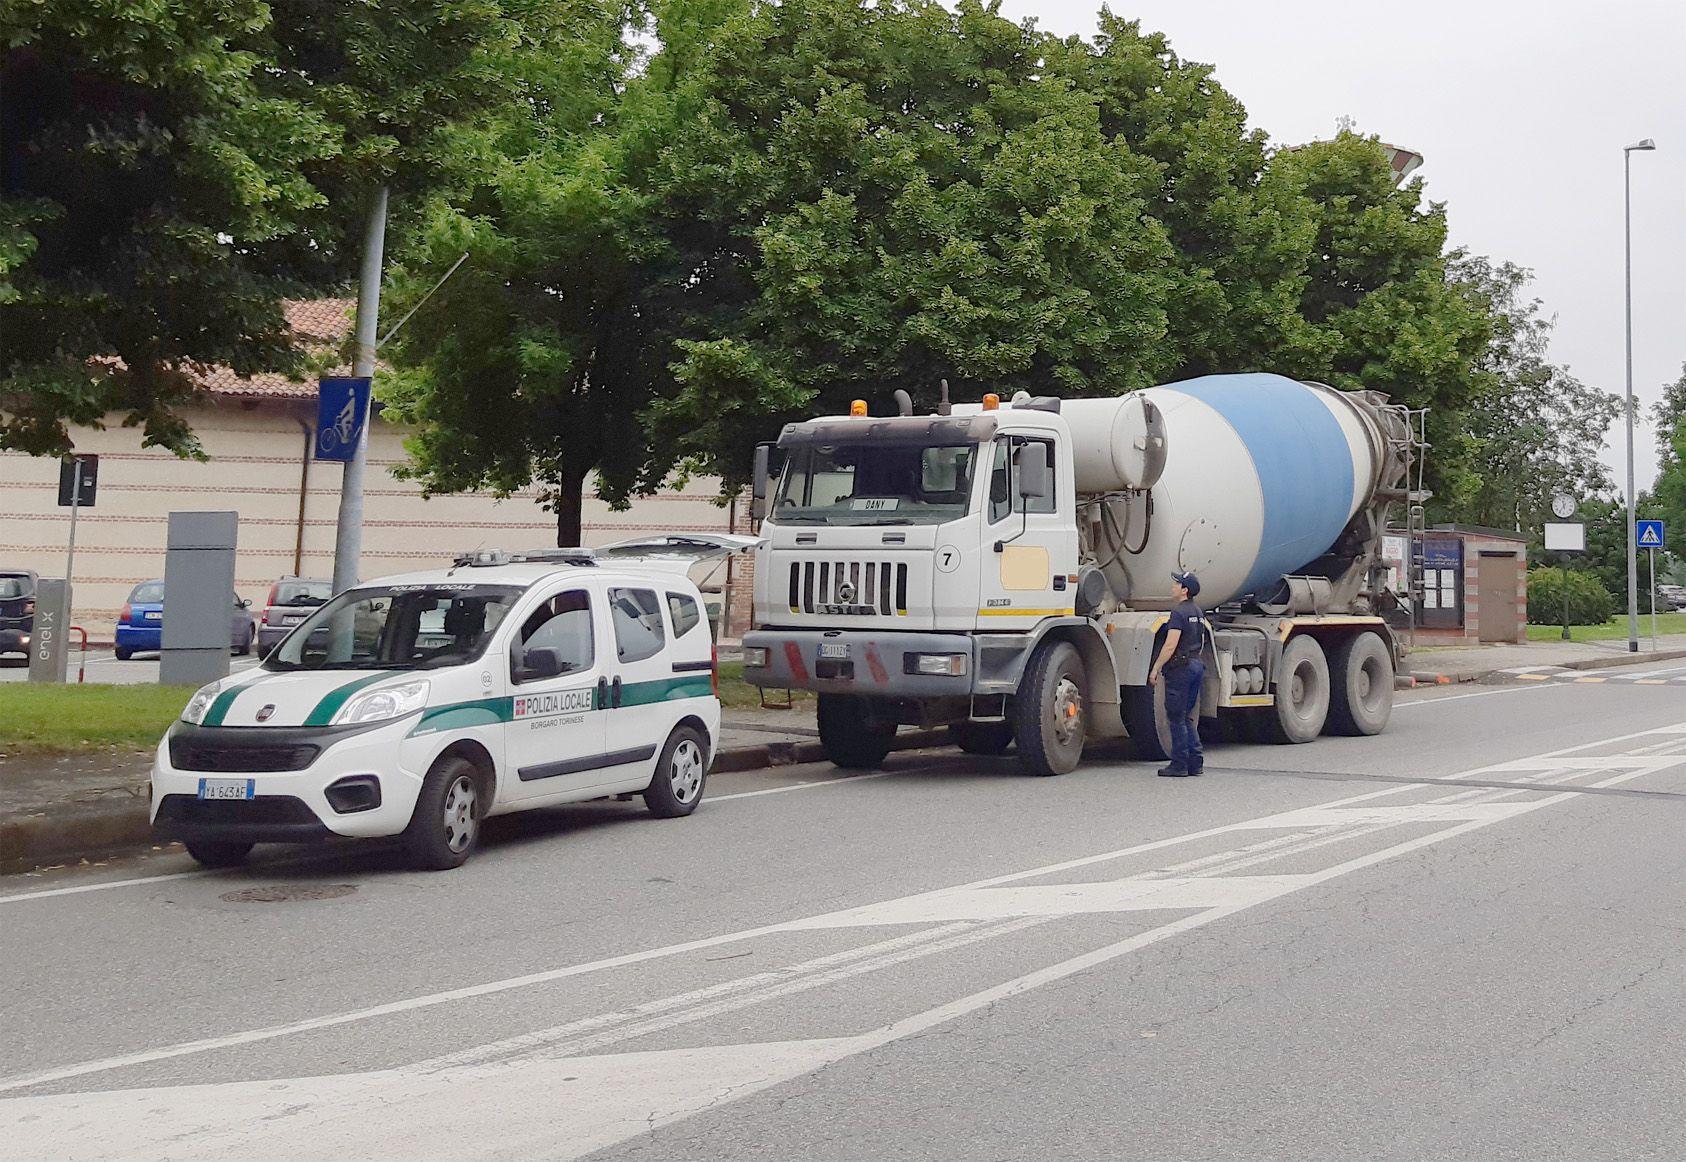 BORGARO - Scatta il divieto per i mezzi pesanti in via Italia